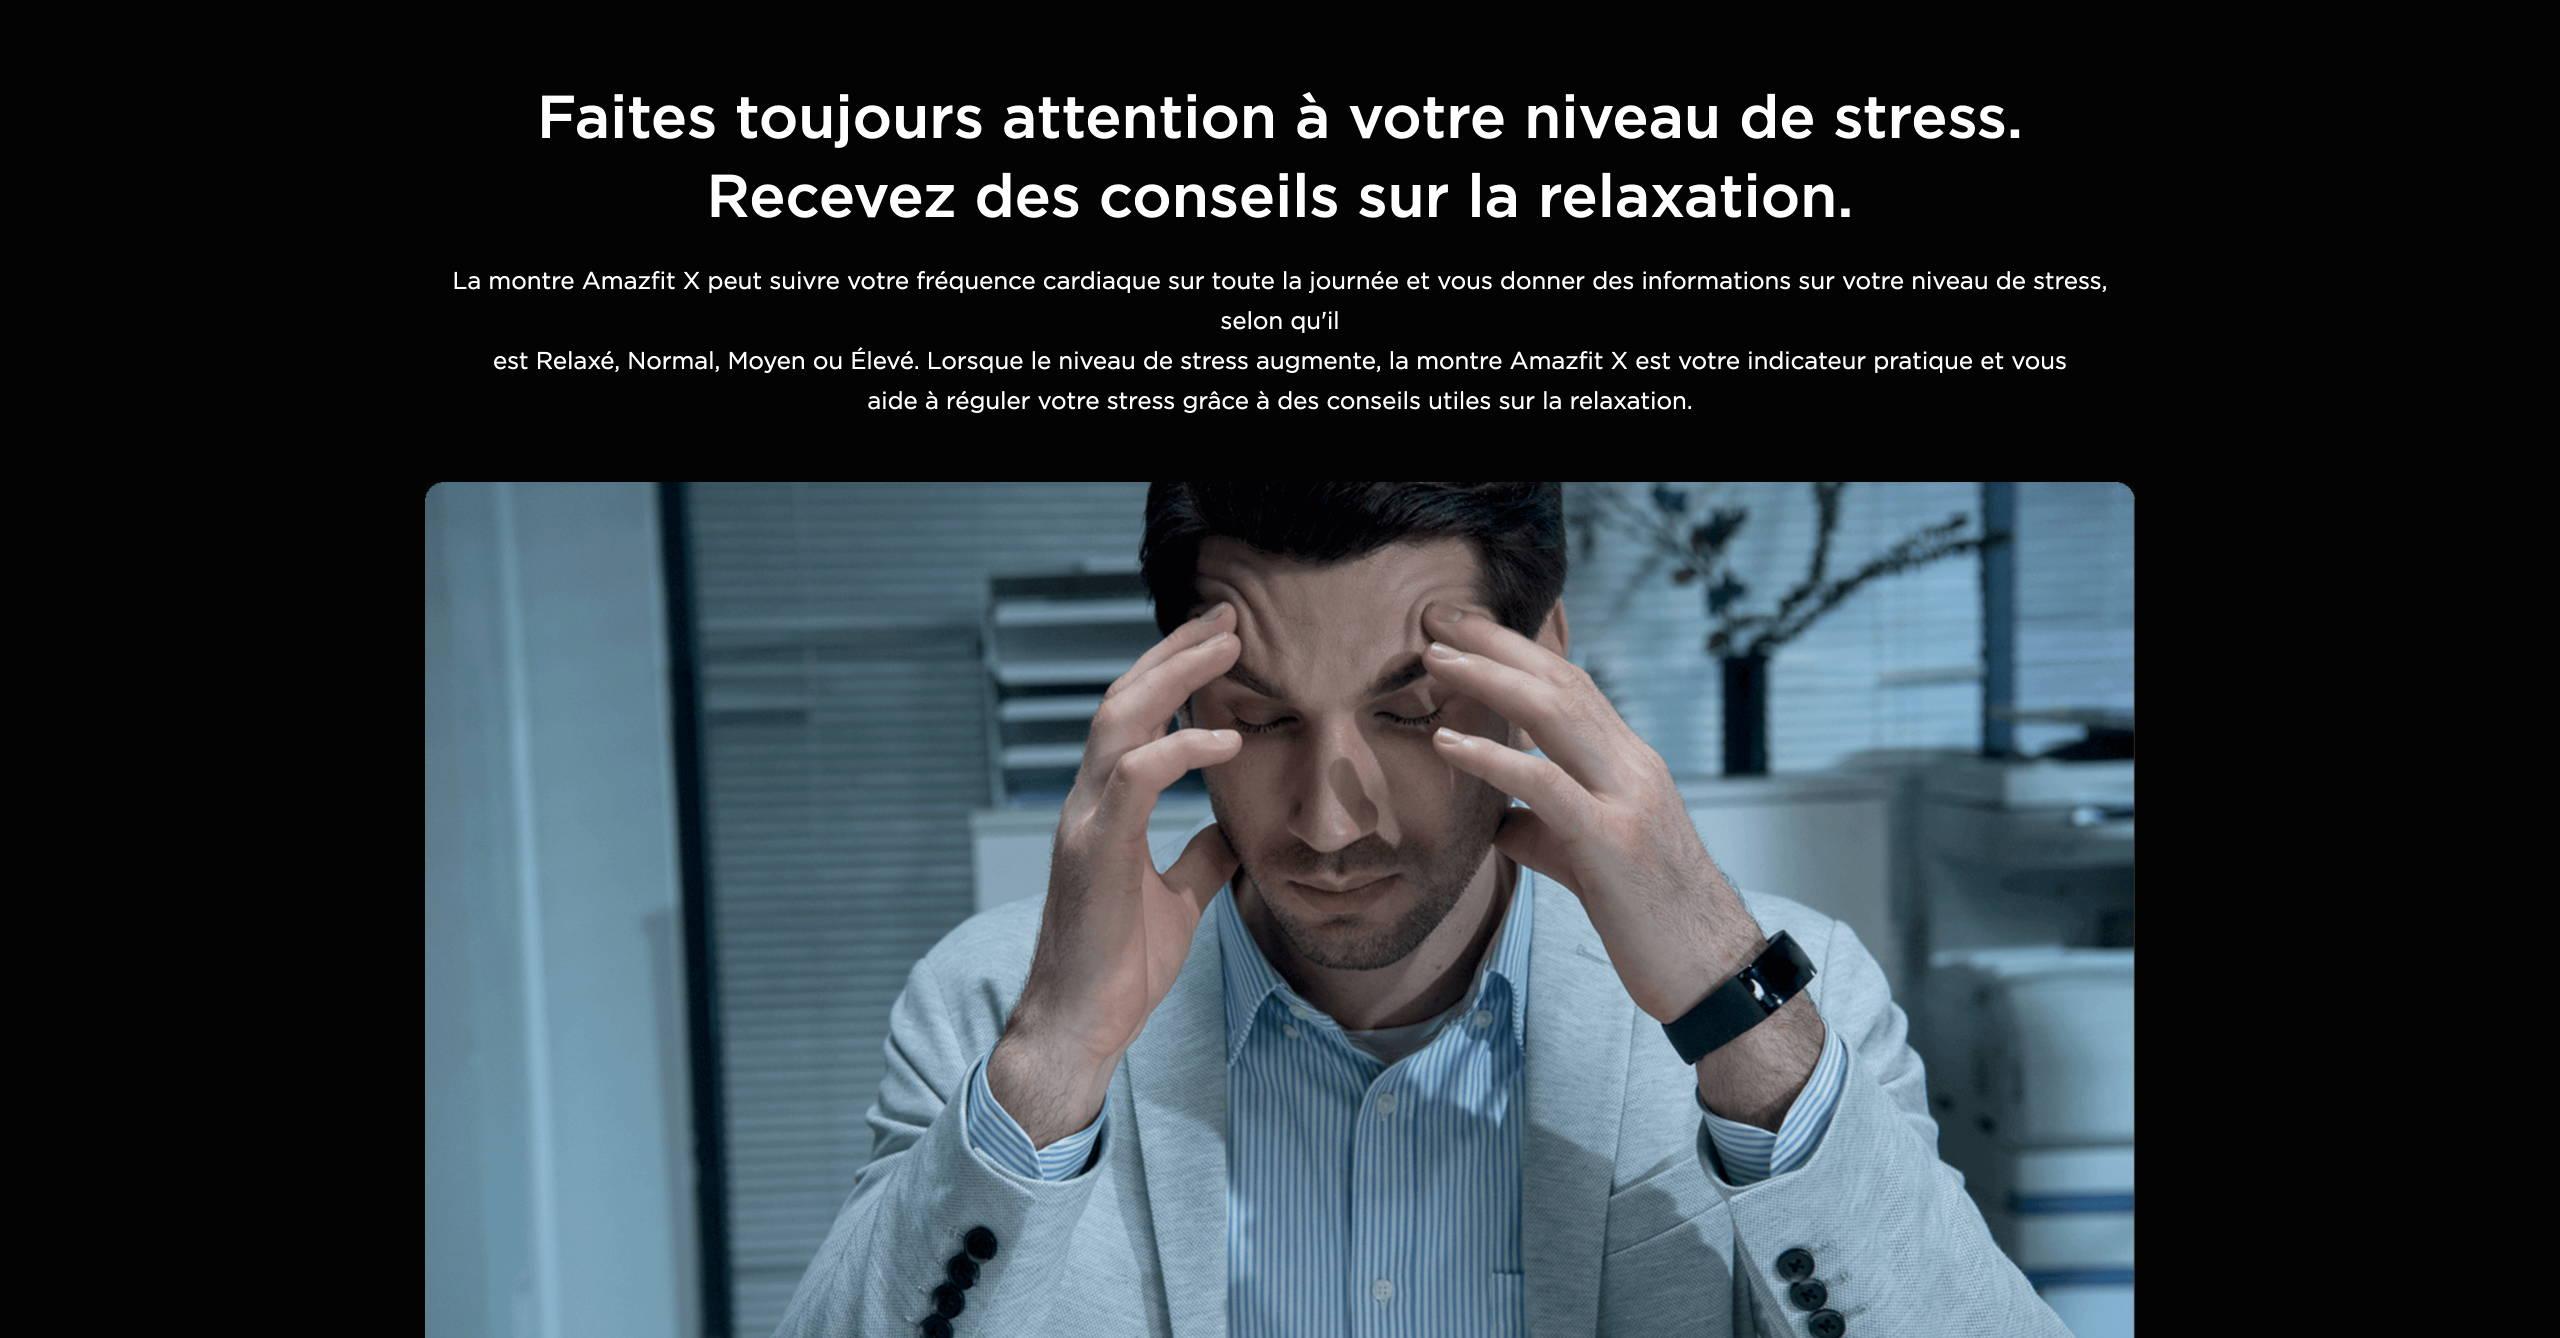 Amazfit X - Faites toujours attention à votre niveau de stress. Recevez des conseils sur la relaxation.